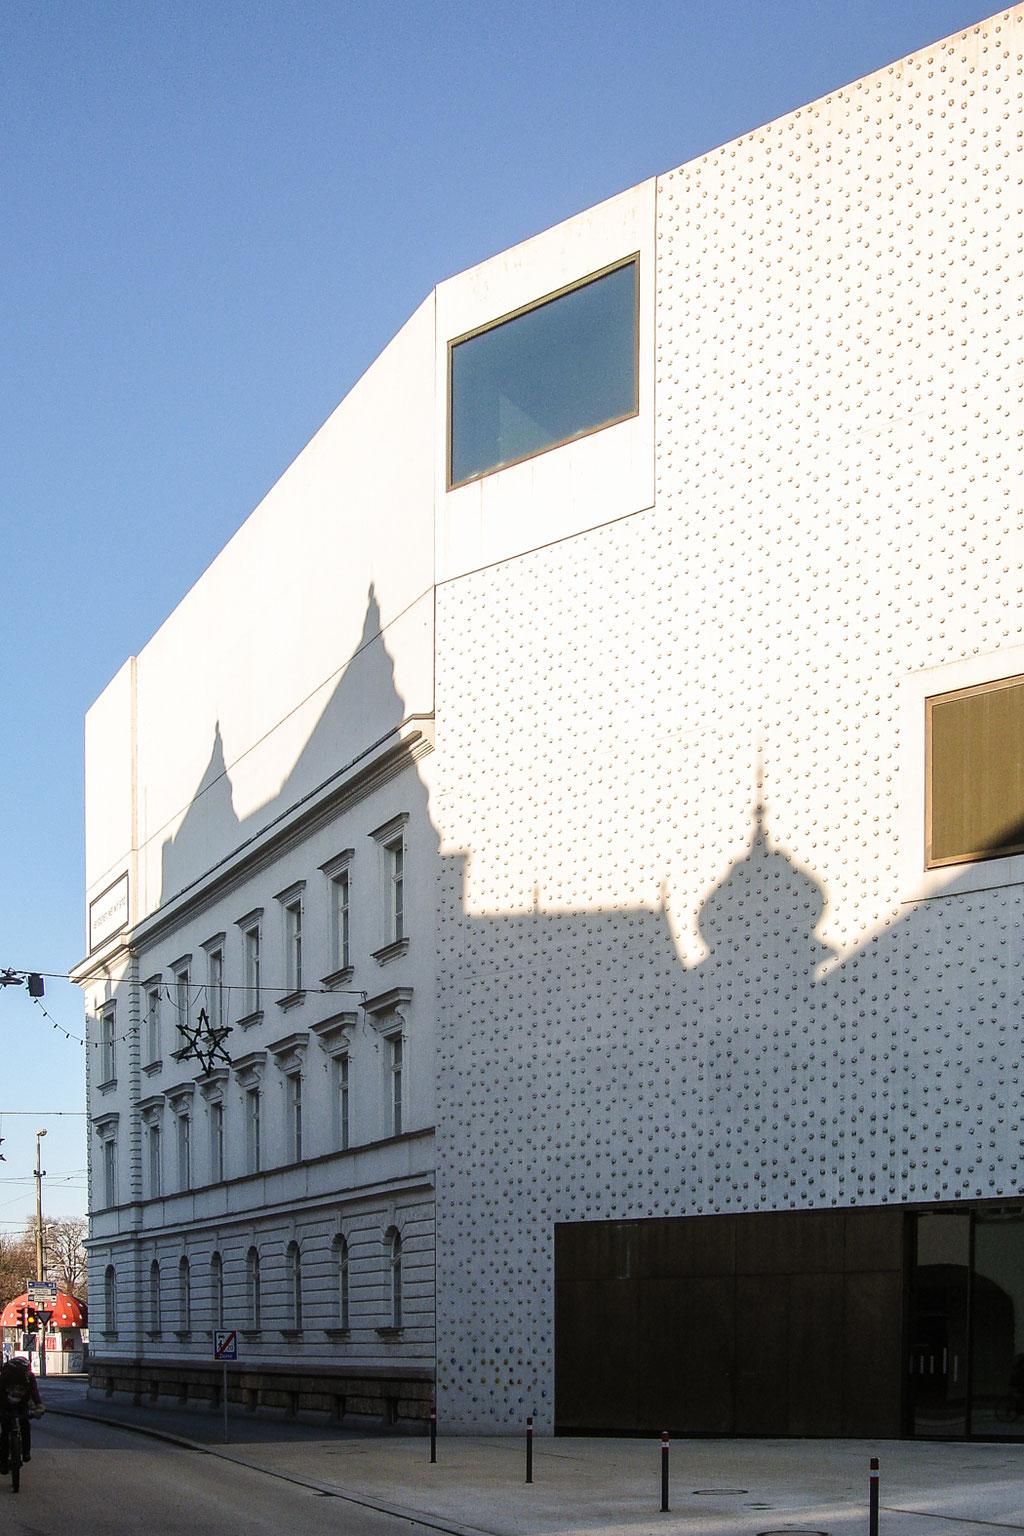 vorarlberg museum (Cukrowicz Nachbaur), Bregenz (A)